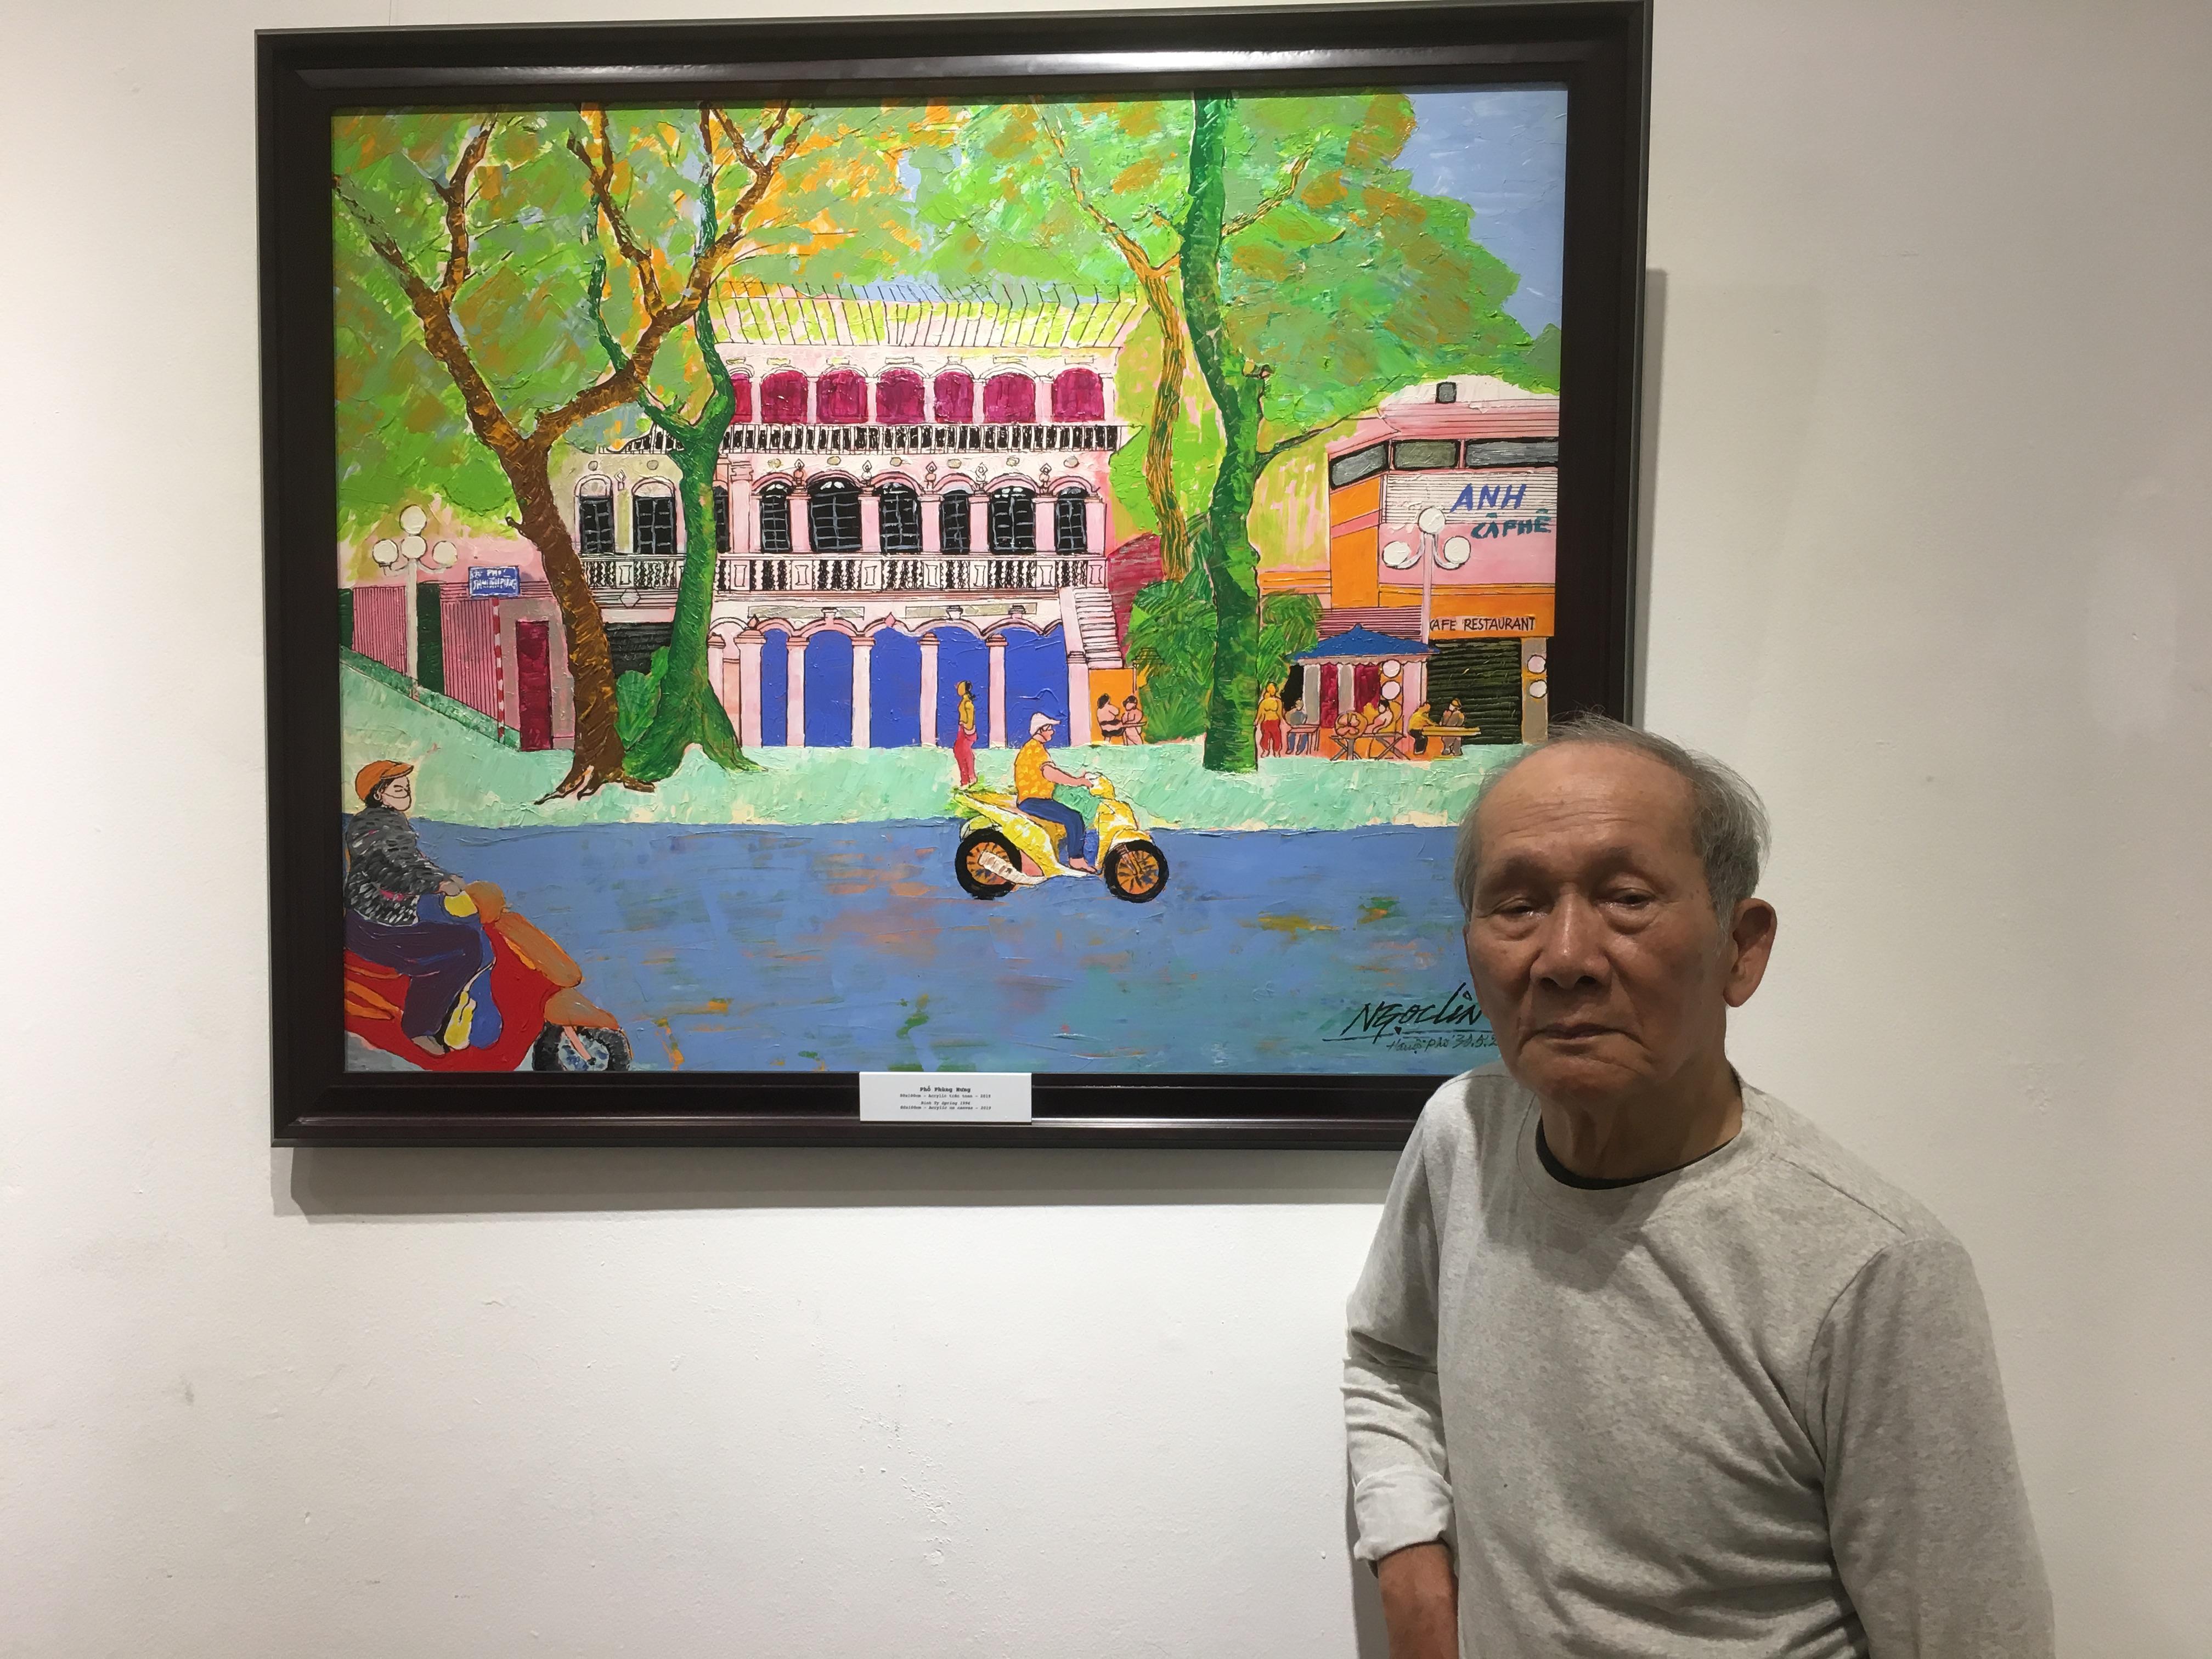 Họa sĩ Ngọc Linh bên một tác phẩm của mình tại triển lãm.